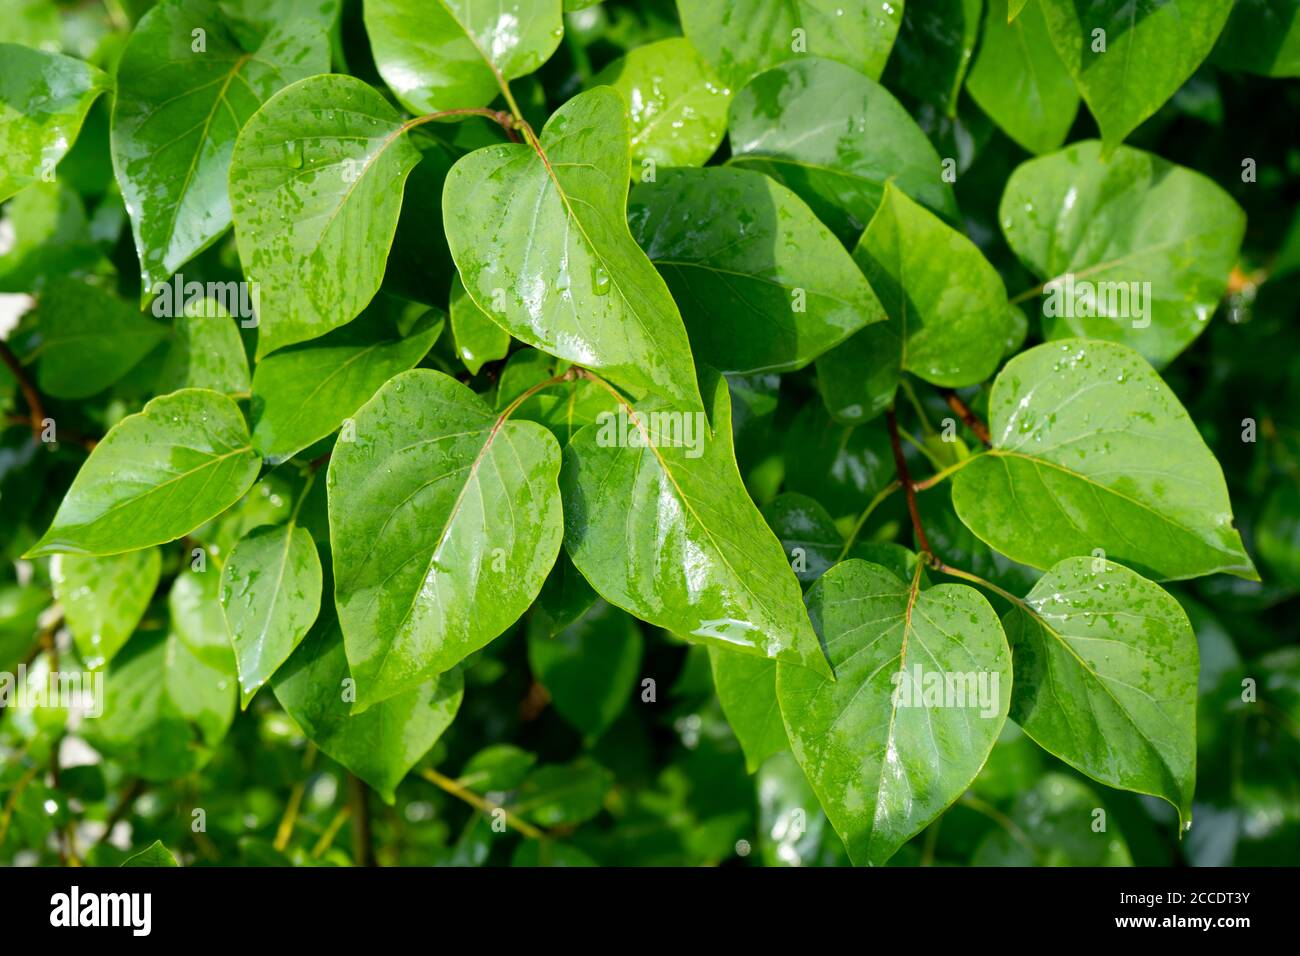 Feuilles vertes humides d'une brousse après la pluie. Gros plan du Bush vert après la pluie Banque D'Images